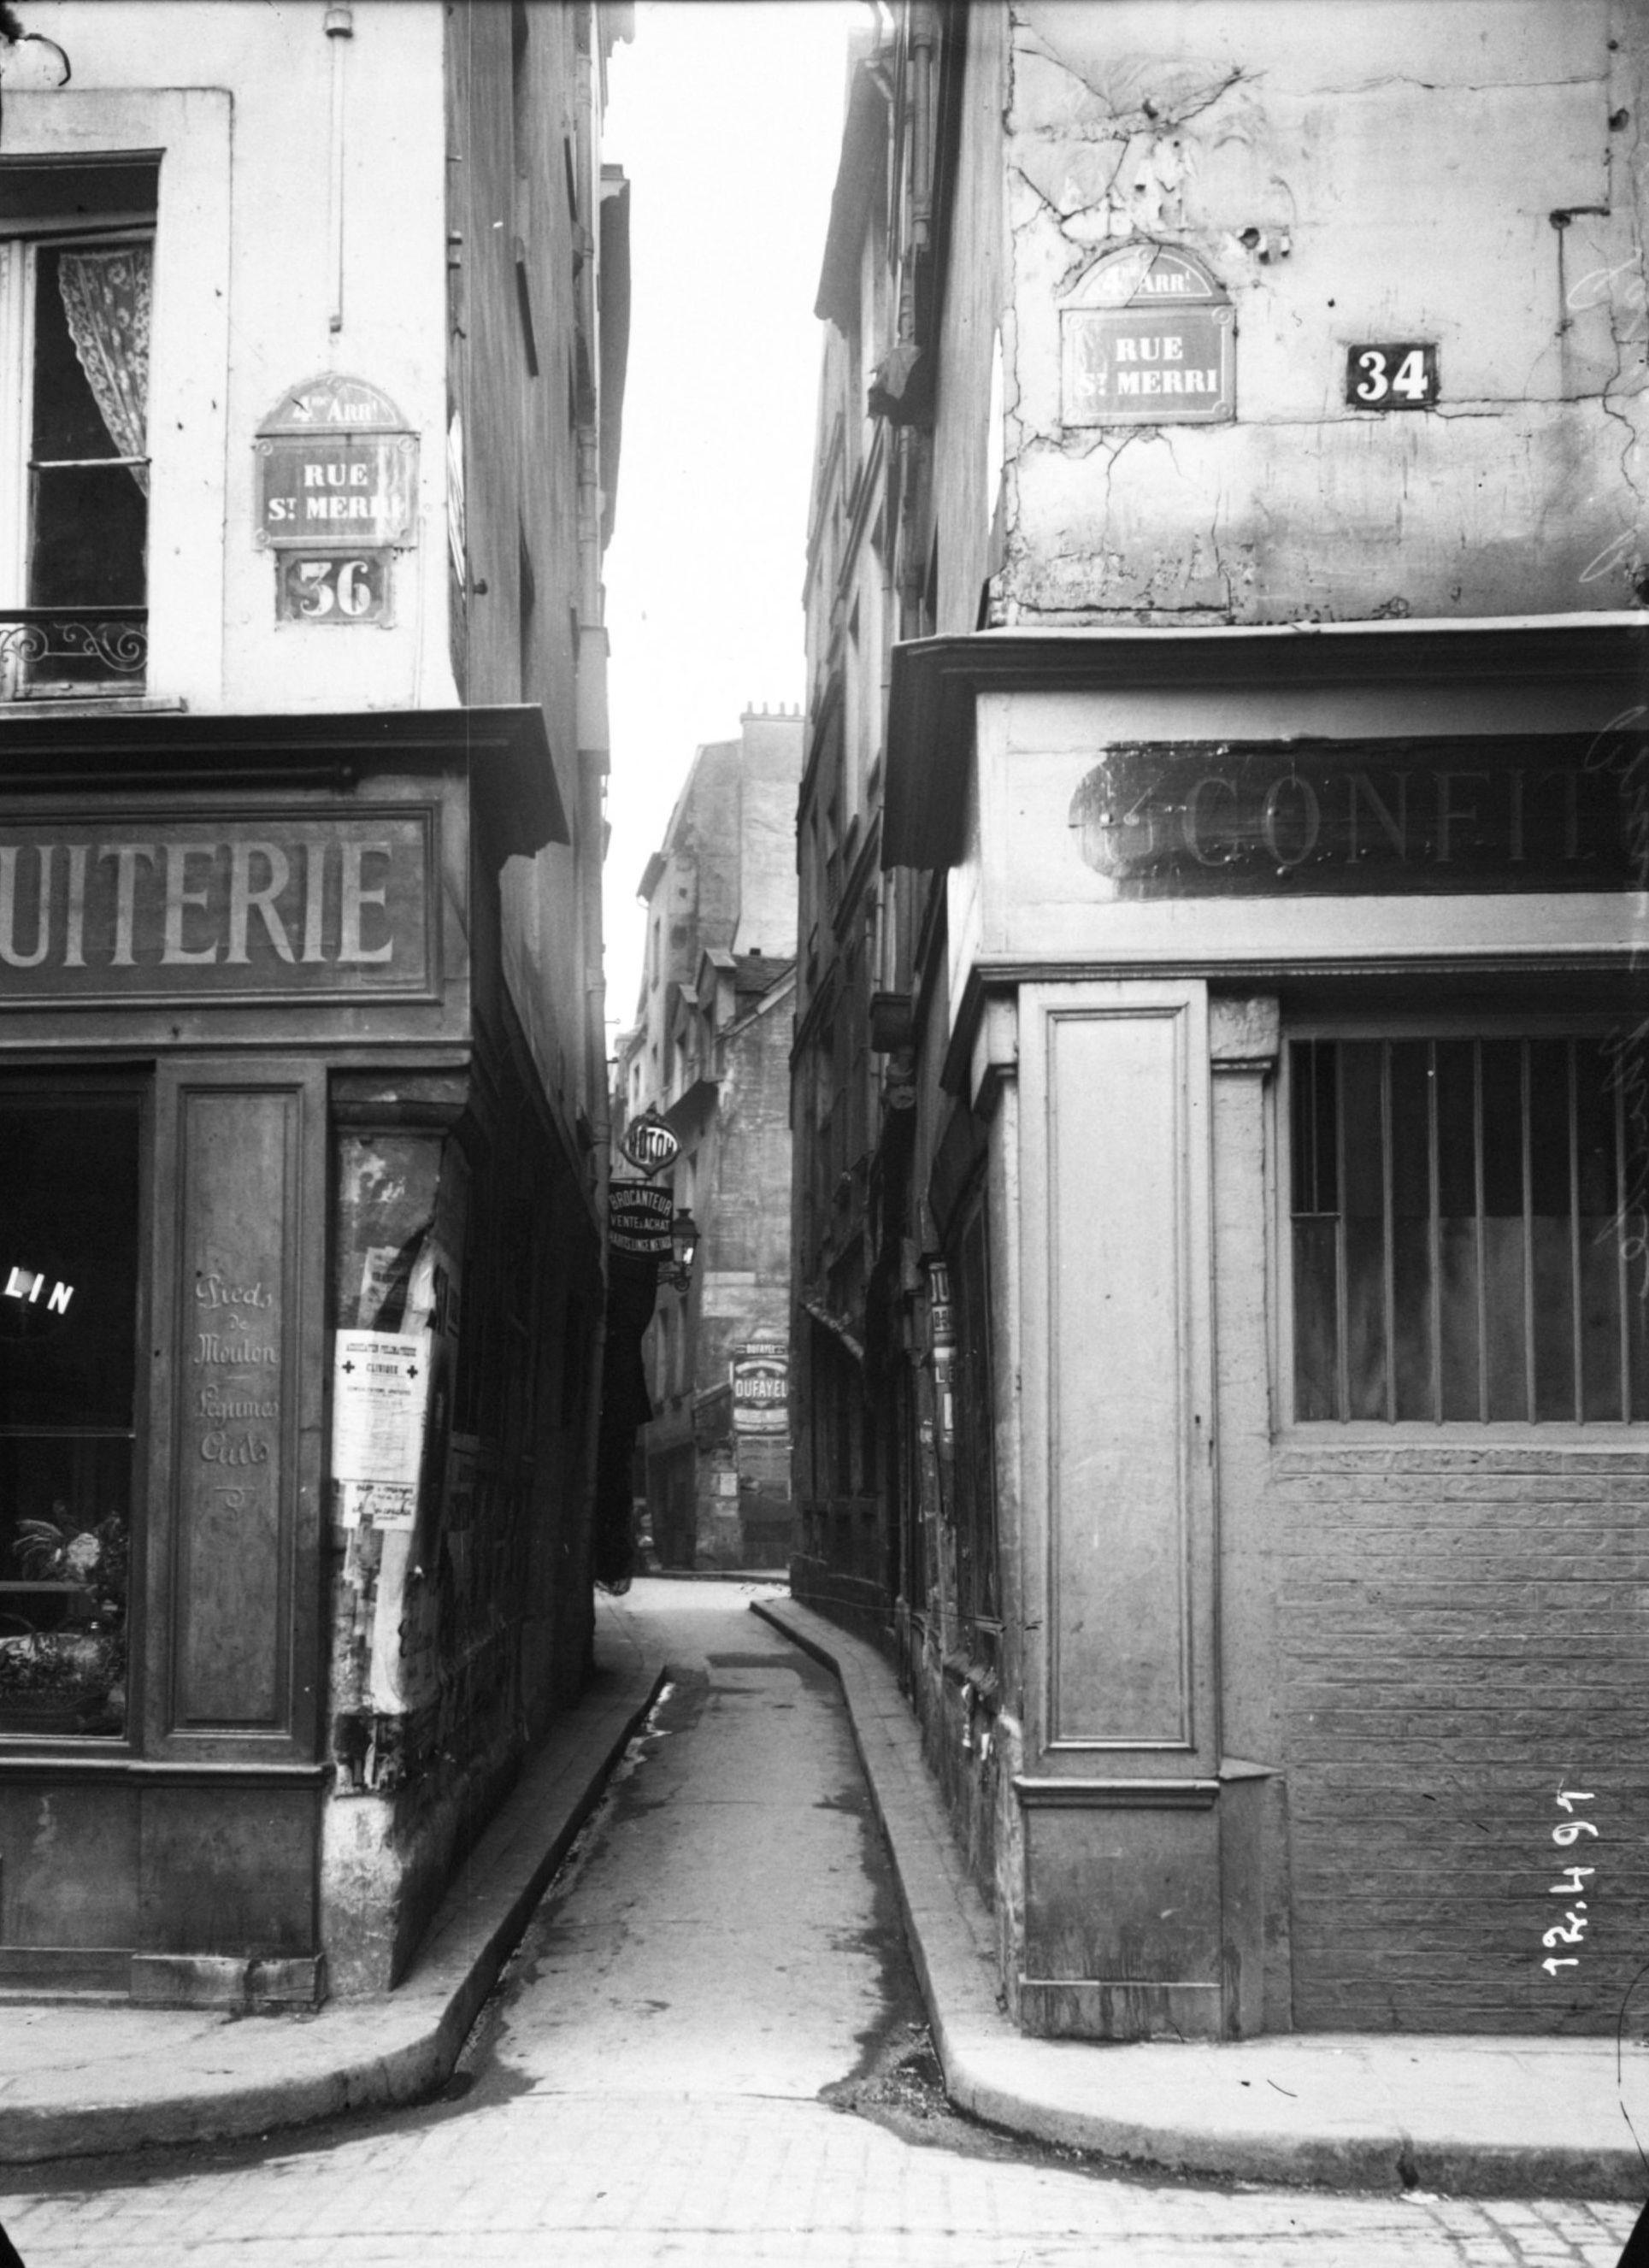 Rue_Brisemiche_&_Rue_Saint-Merri,_Paris,_1911